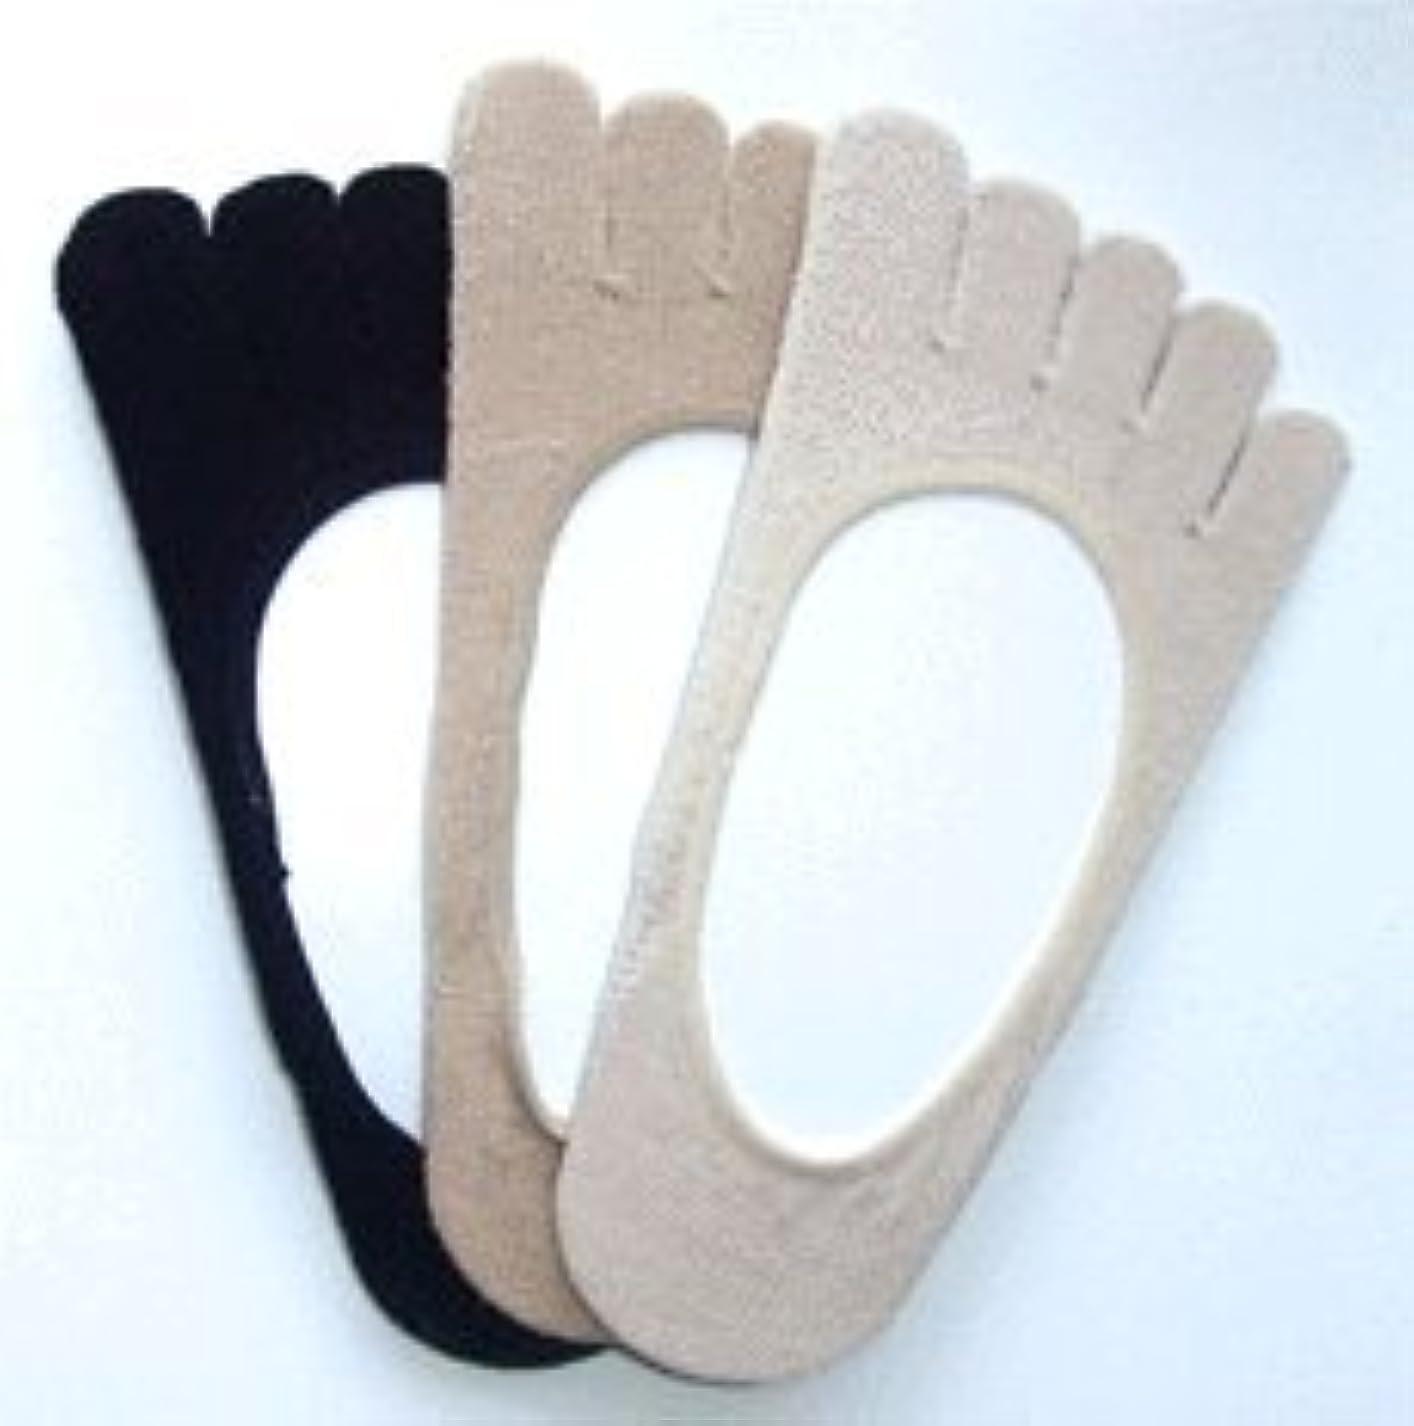 落胆させる密嫌がる日本製 シルク五本指 フットカバー パンプスインソックス 3足組(ベージュ系2足、黒色1足)